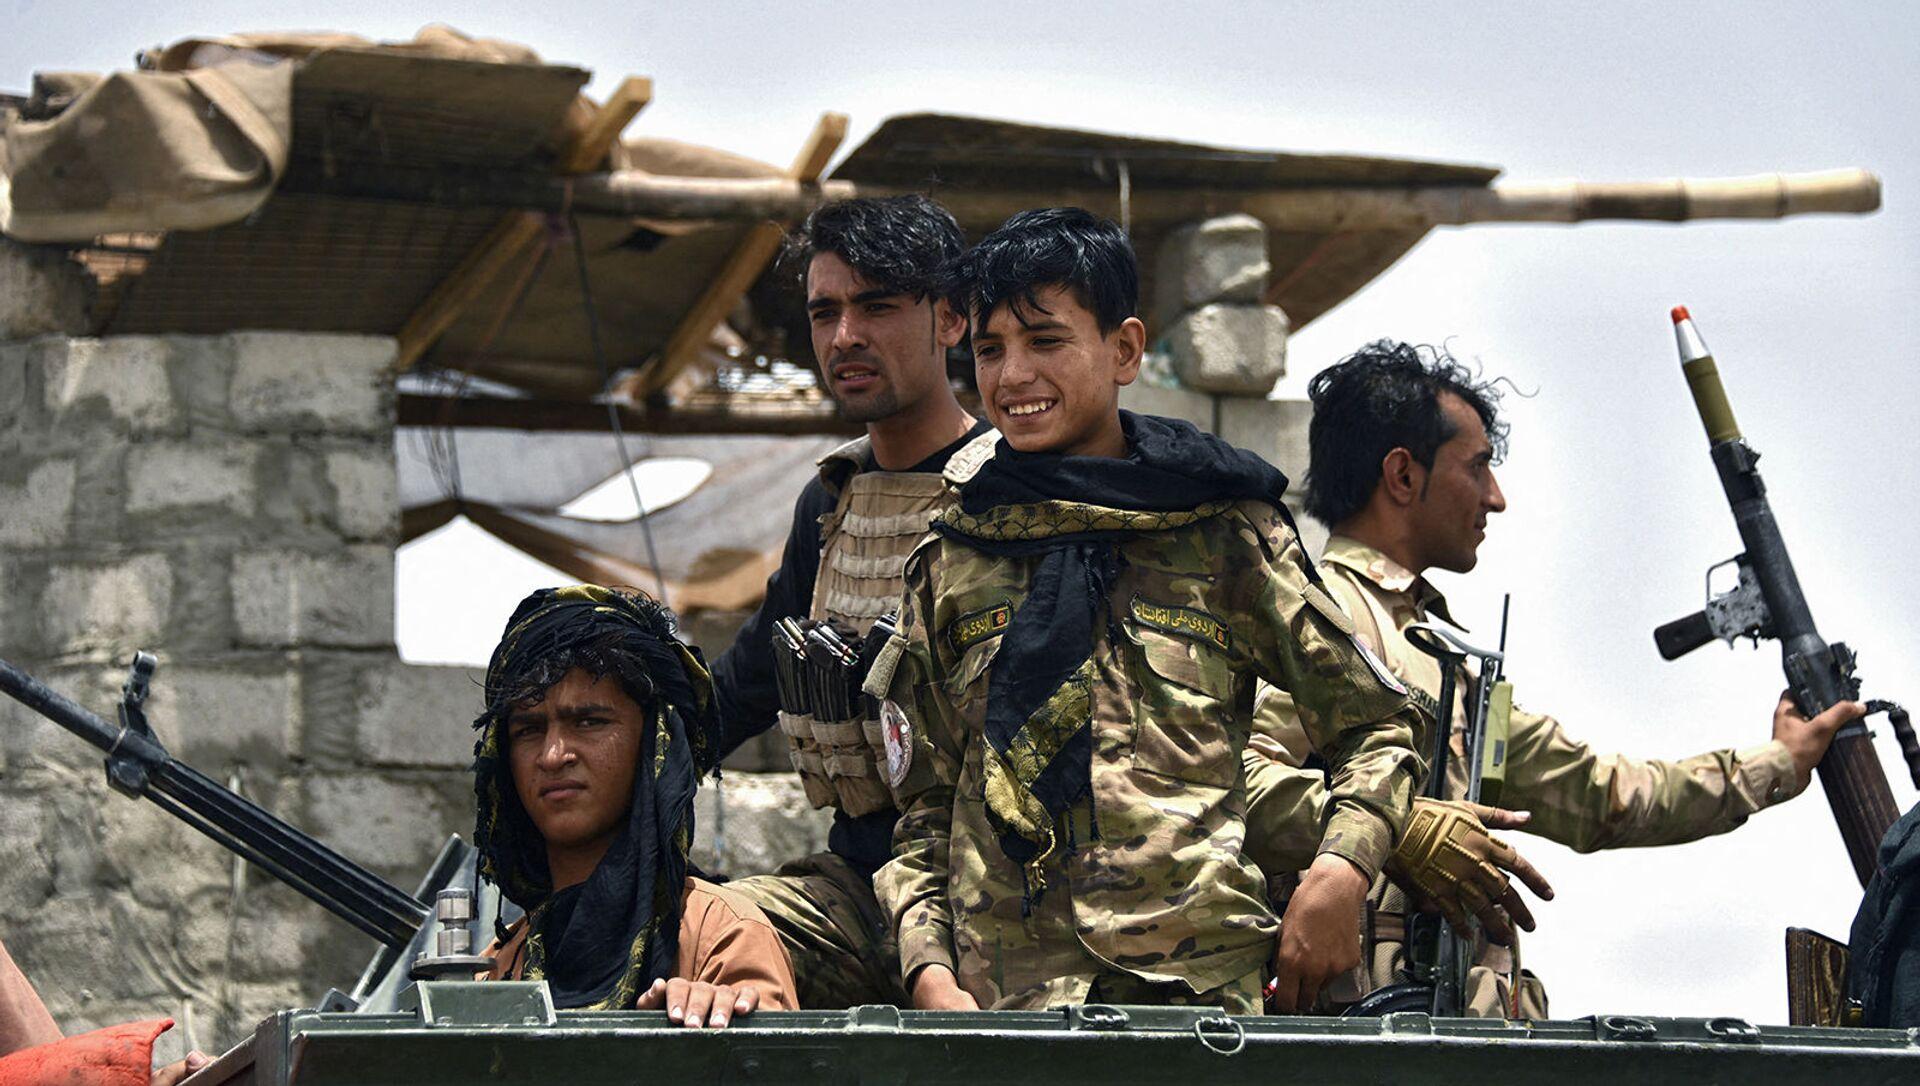 Афганские полицейские на блокпосту в районе Панджвай провинции Кандагар после захвата талибами района Кандагар (4 июля 2021). Афганистан - Sputnik Армения, 1920, 24.07.2021